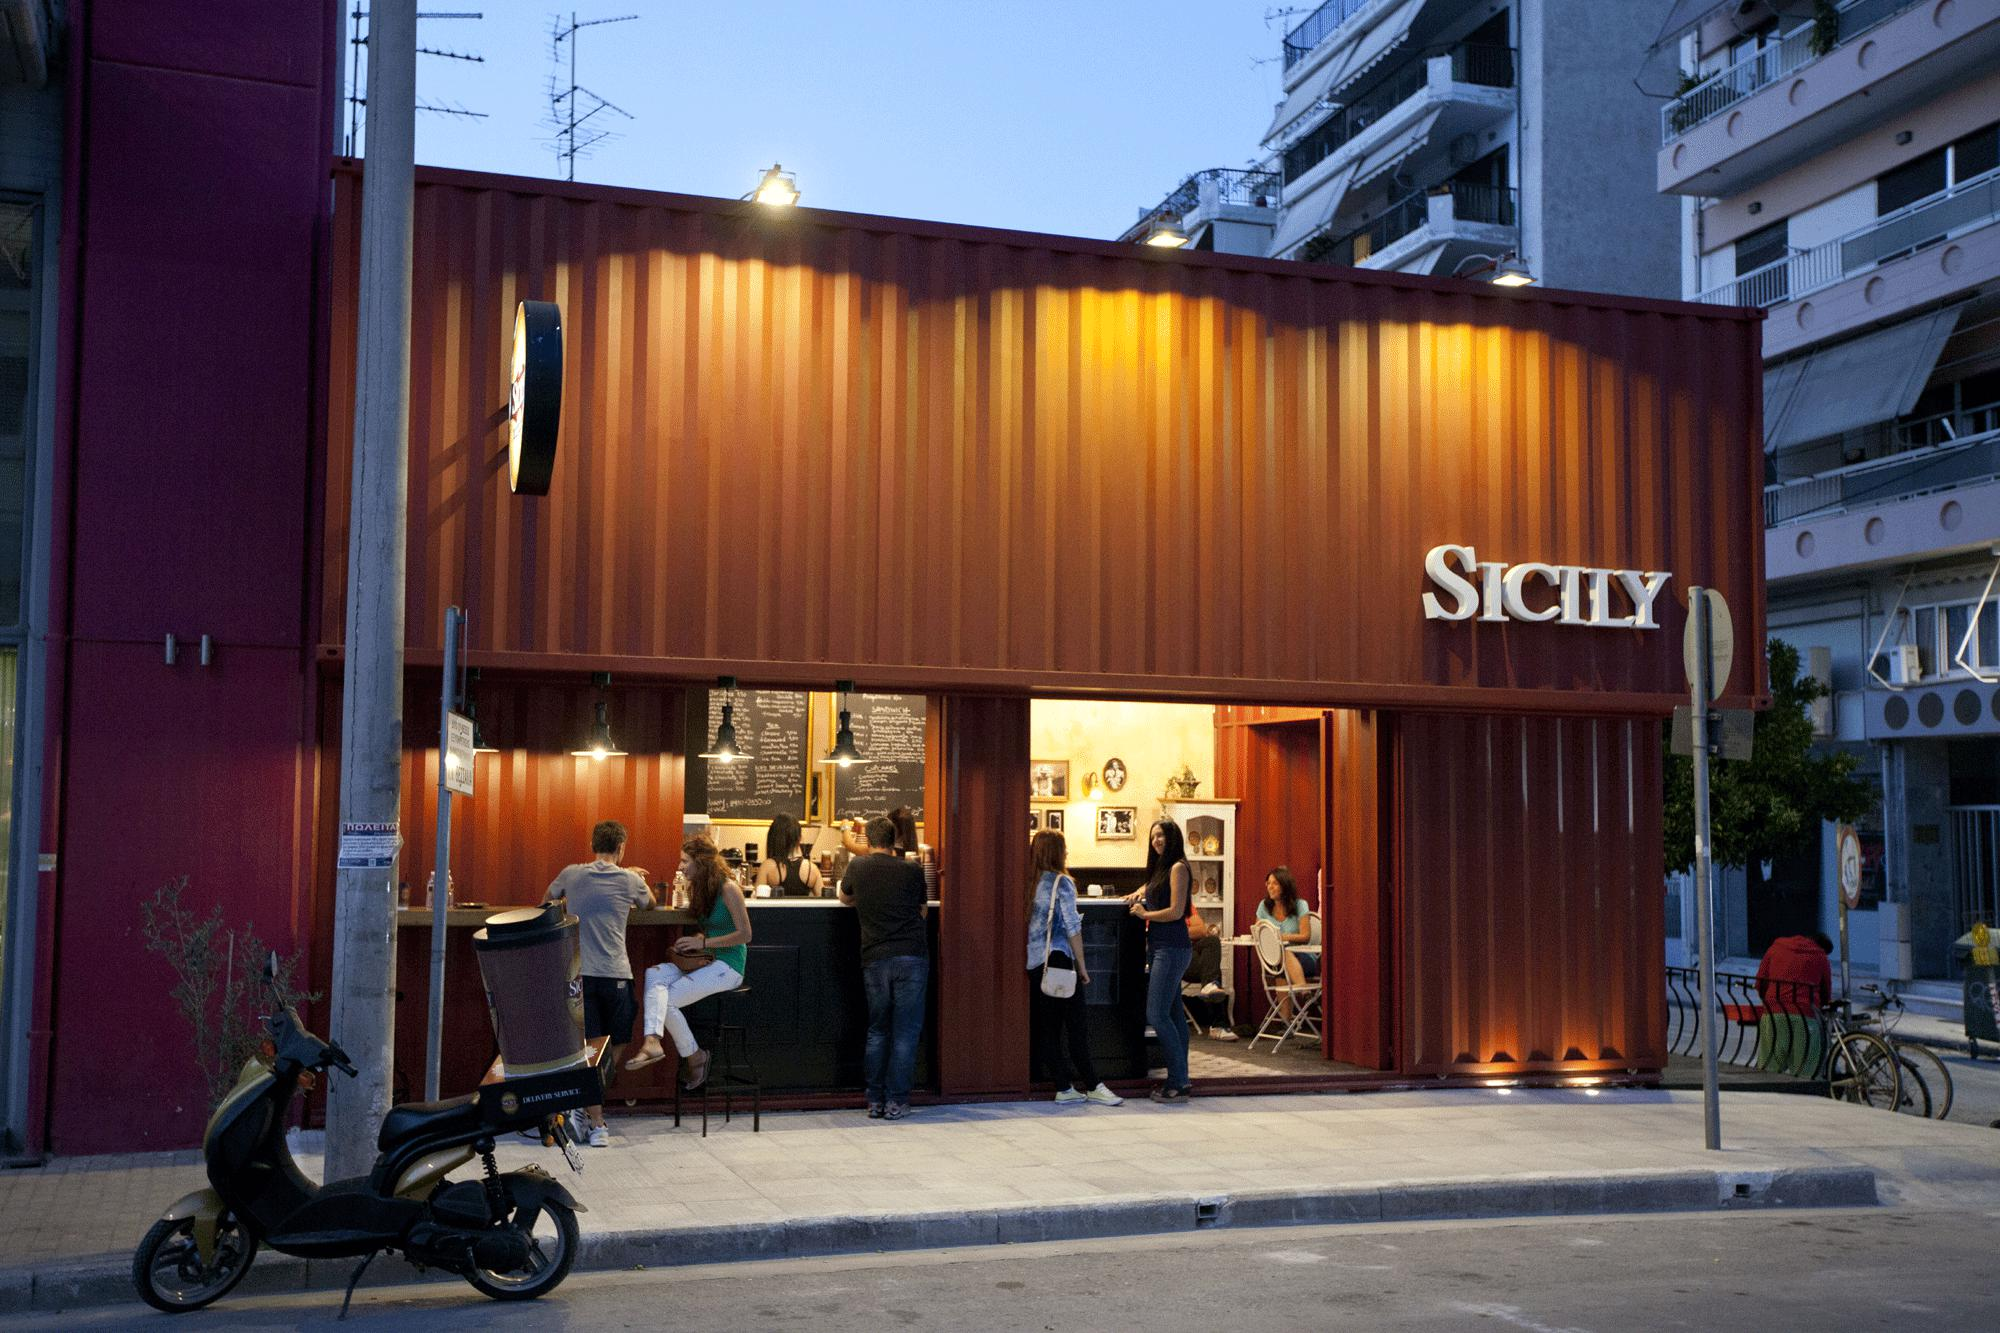 kinh doanh quán cafe container giảm thiểu rủi ro